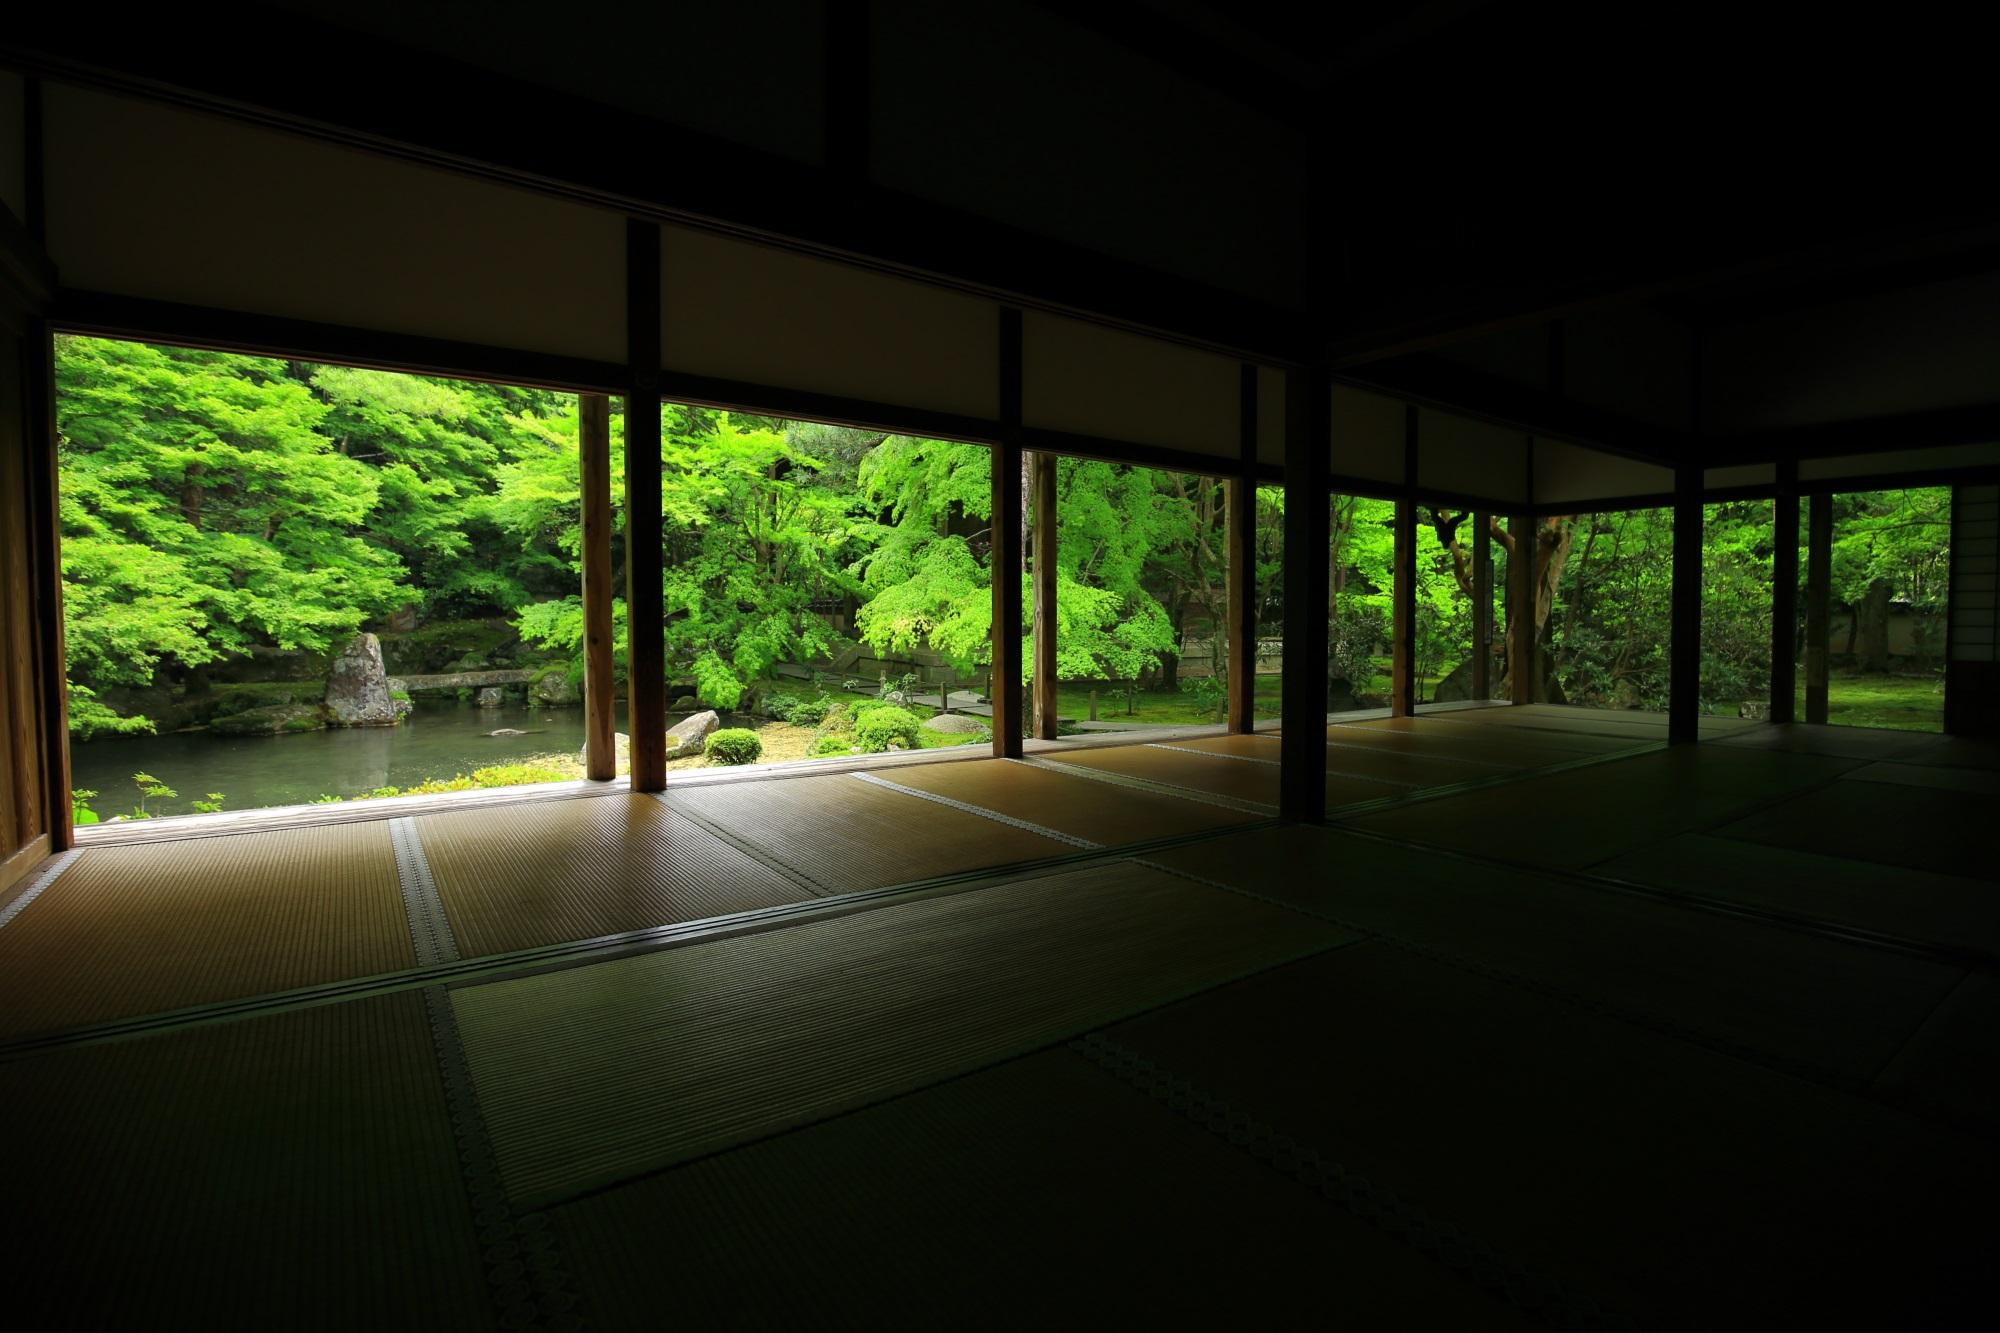 蓮華寺 新緑と苔 絶品の緑と静けさ